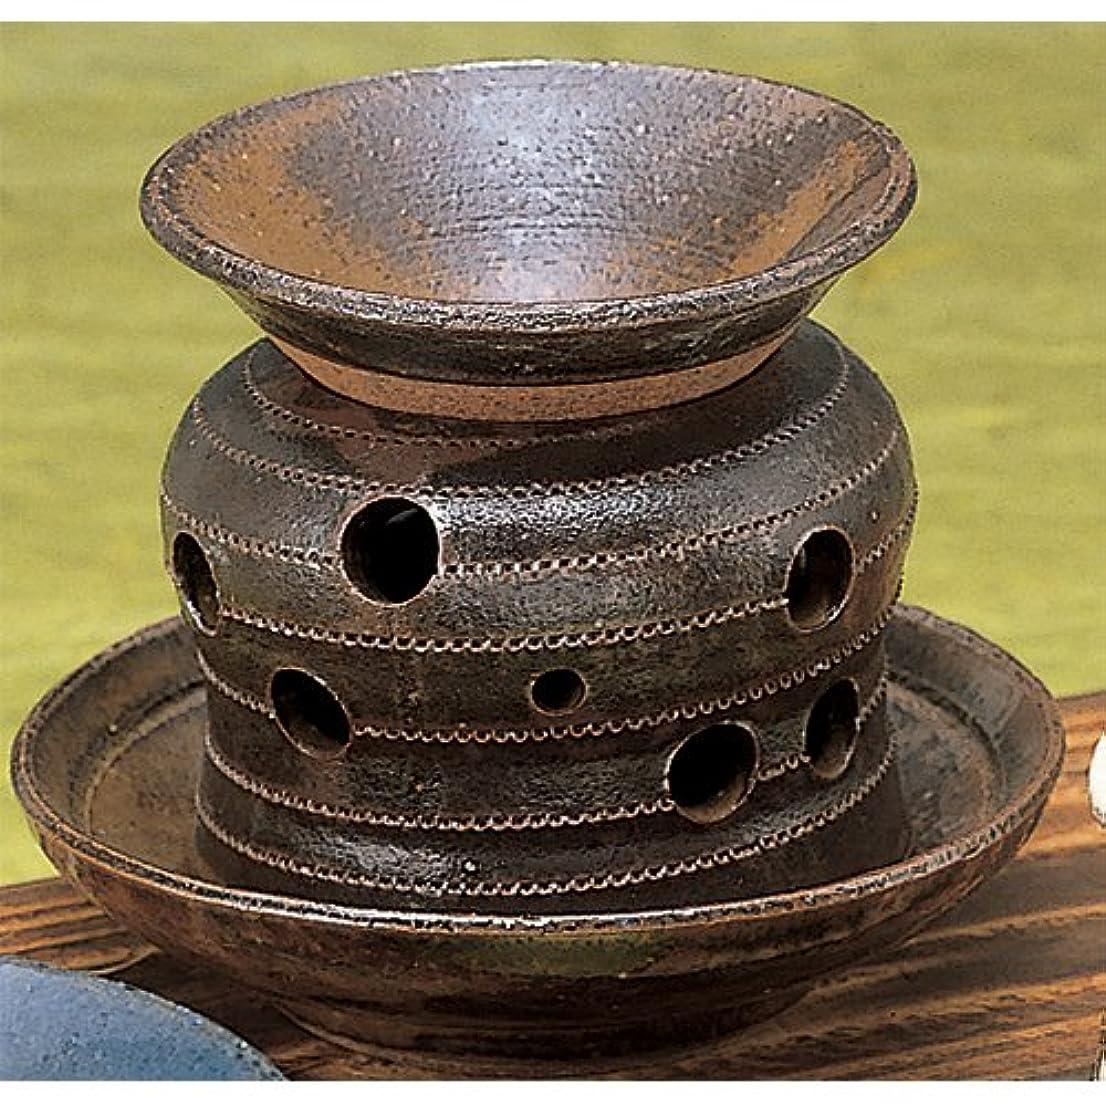 キャリア元の関係する香炉 灰流し 茶香炉 [R13xH10.5cm] プレゼント ギフト 和食器 かわいい インテリア